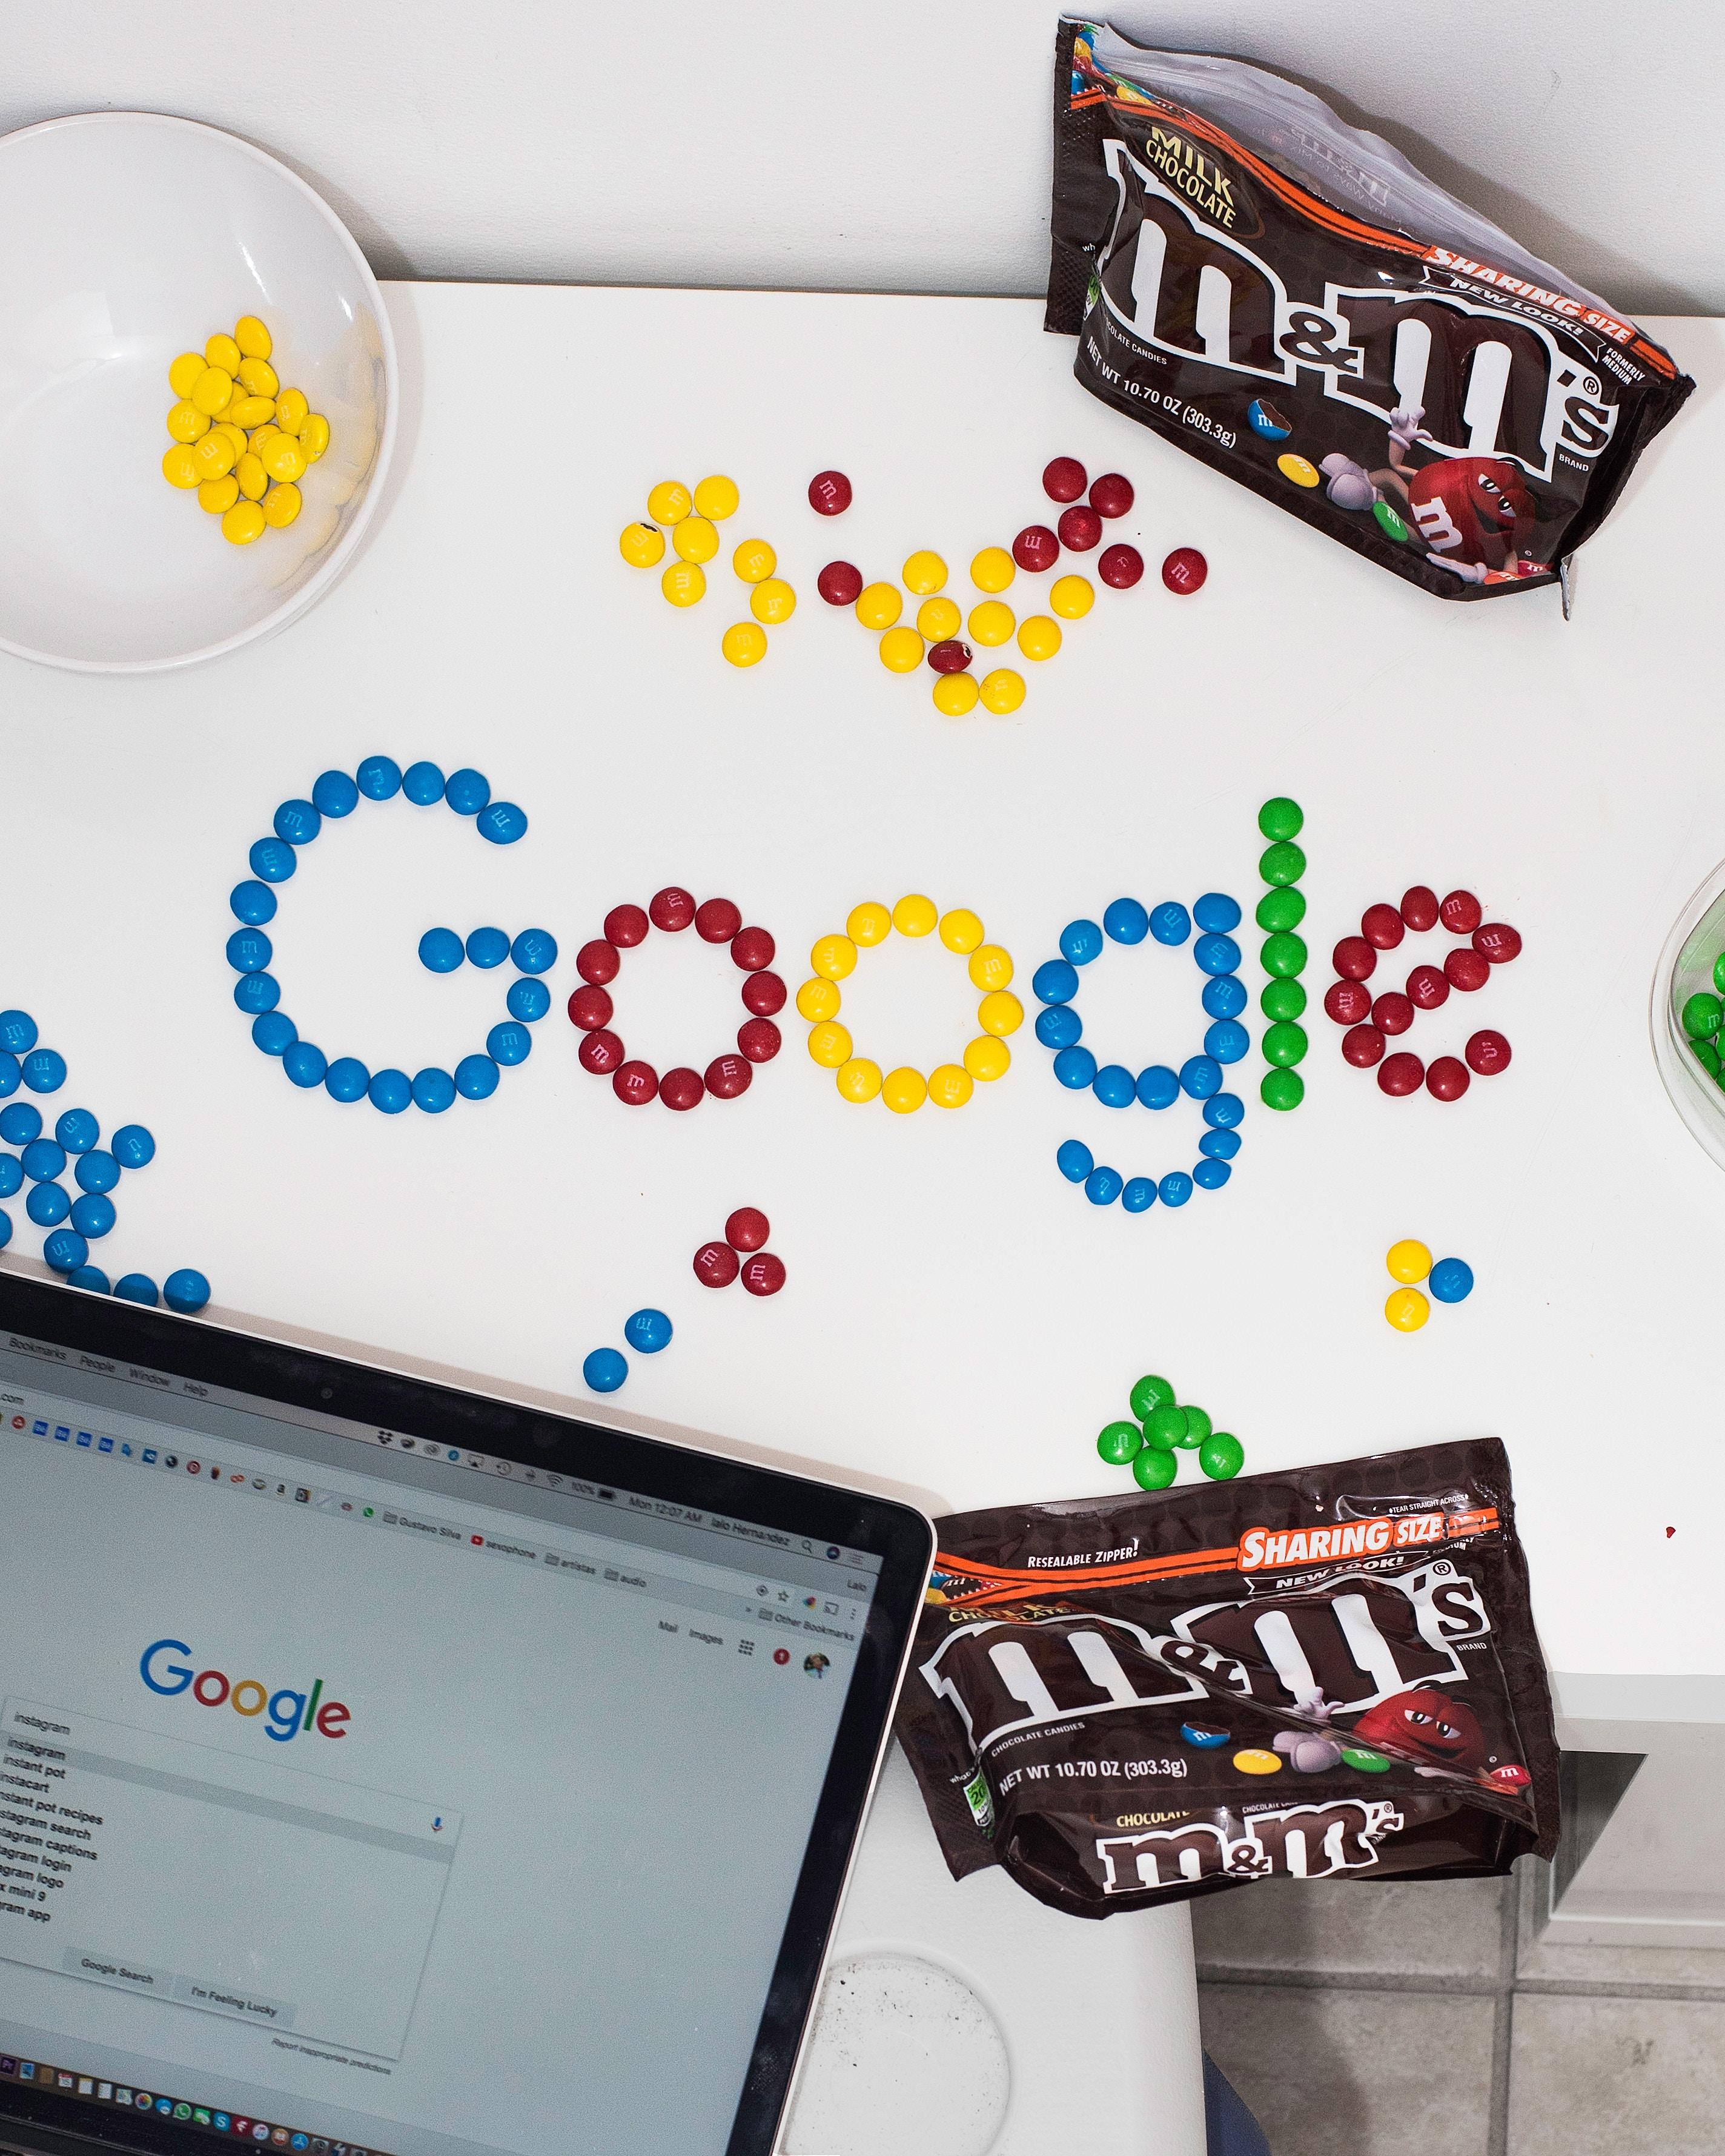 Google Plus chiude: cronaca di una morte annunciata